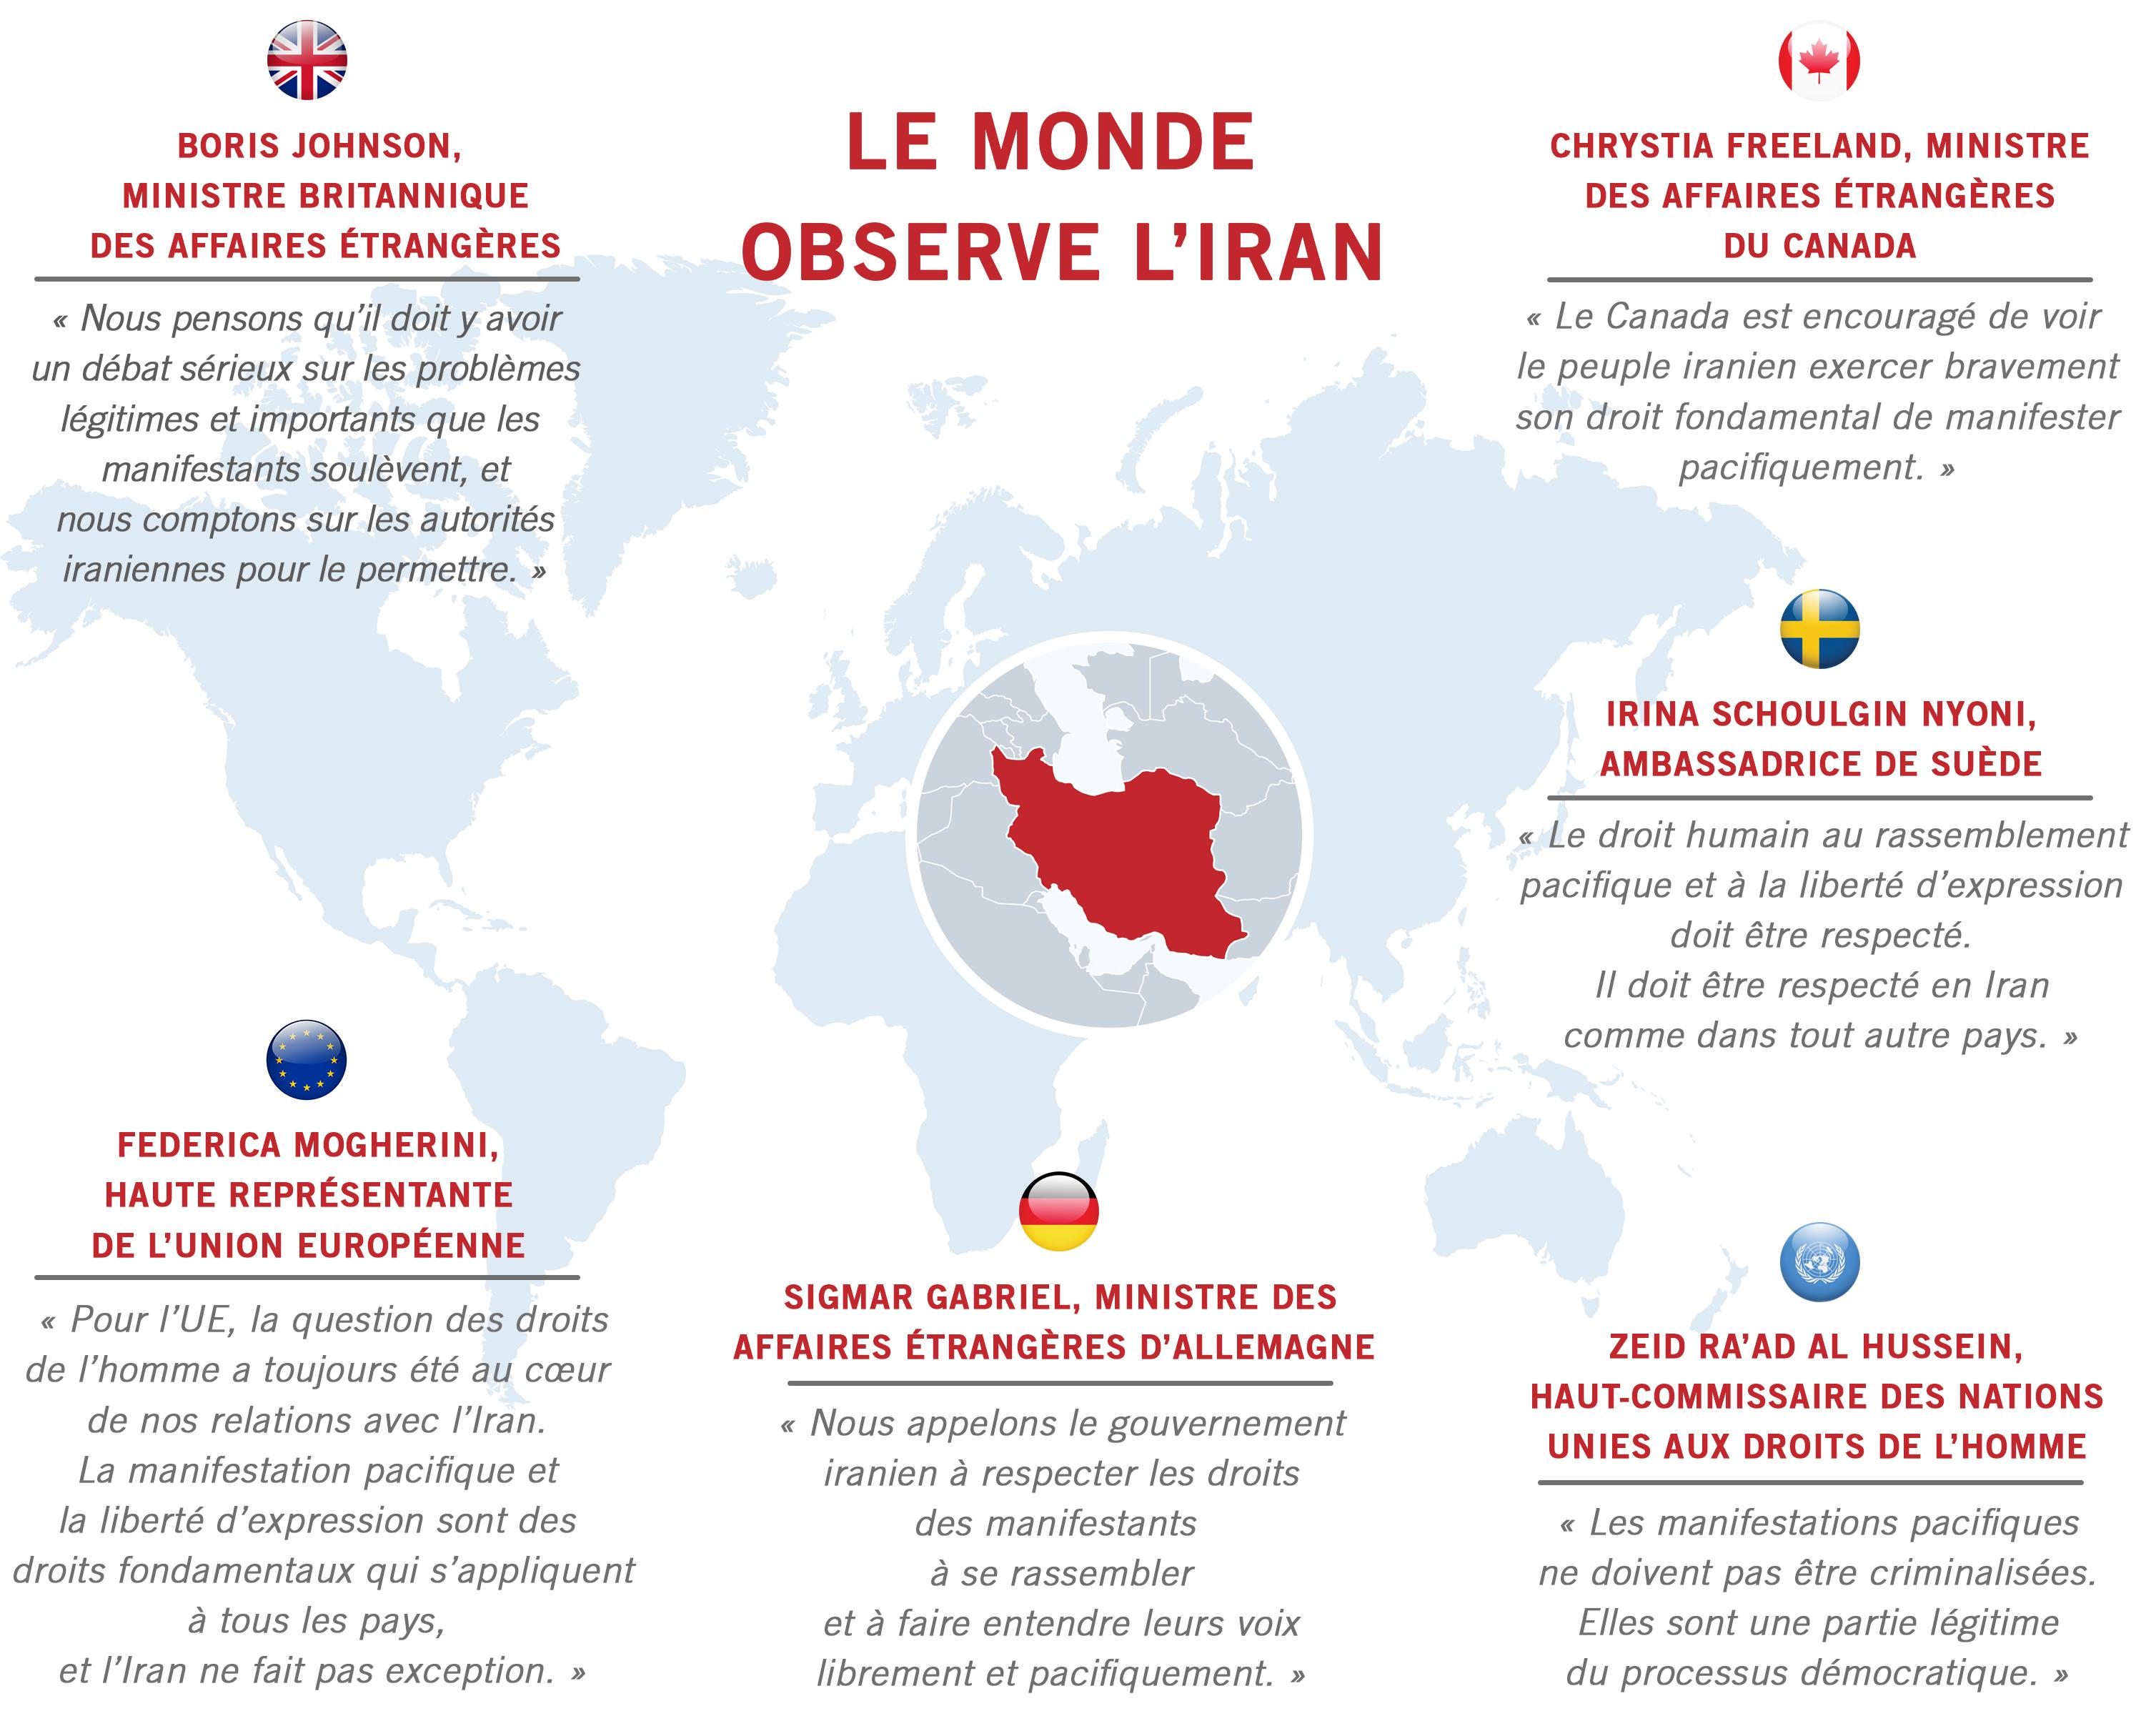 Citations de personnalités politiques étrangères apposées sur une carte du monde avec un encart faisant ressortir l'Iran (Département d'État/L. Rawls)